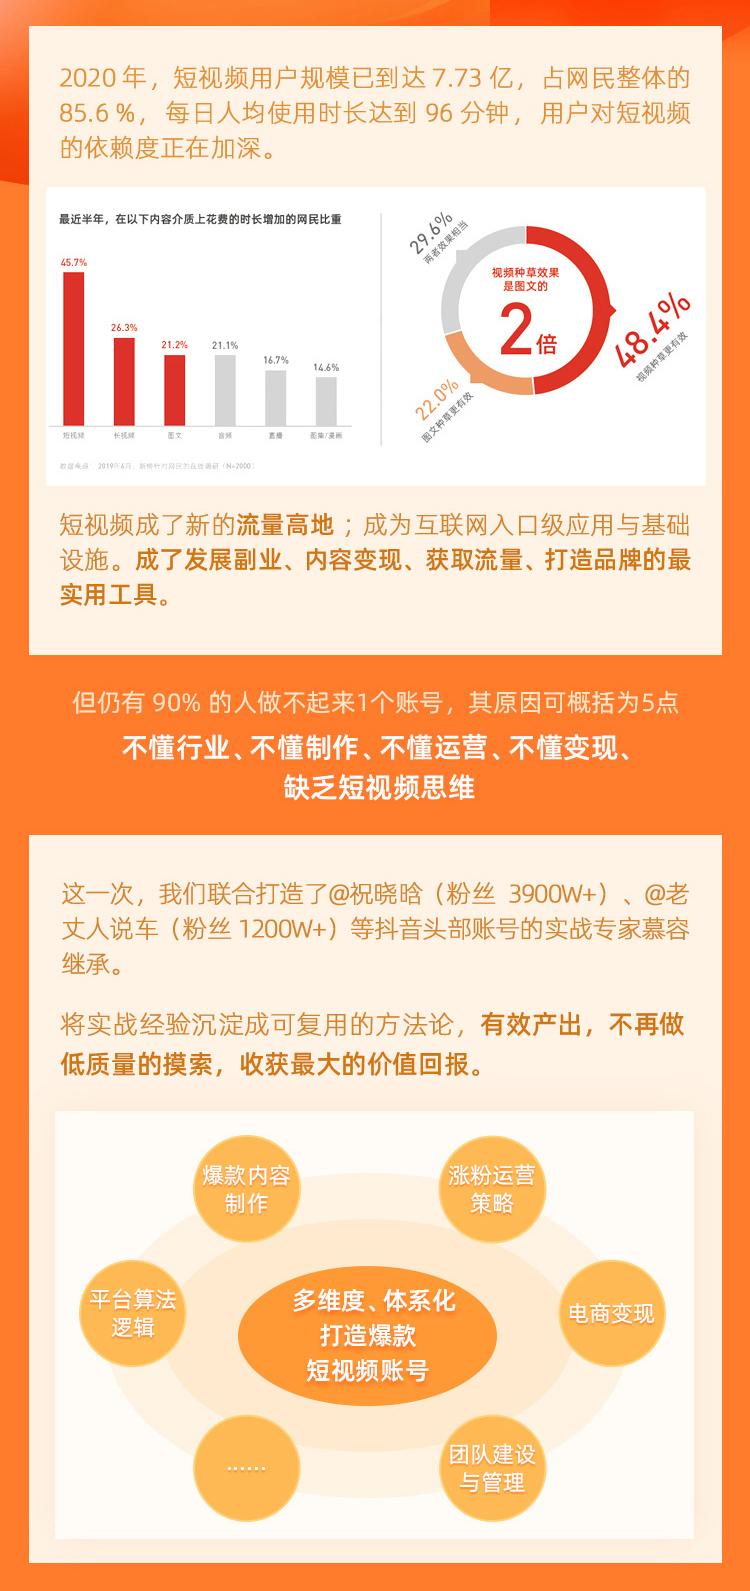 http://mtedu-img.oss-cn-beijing-internal.aliyuncs.com/ueditor/20200713183450_179701.jpg